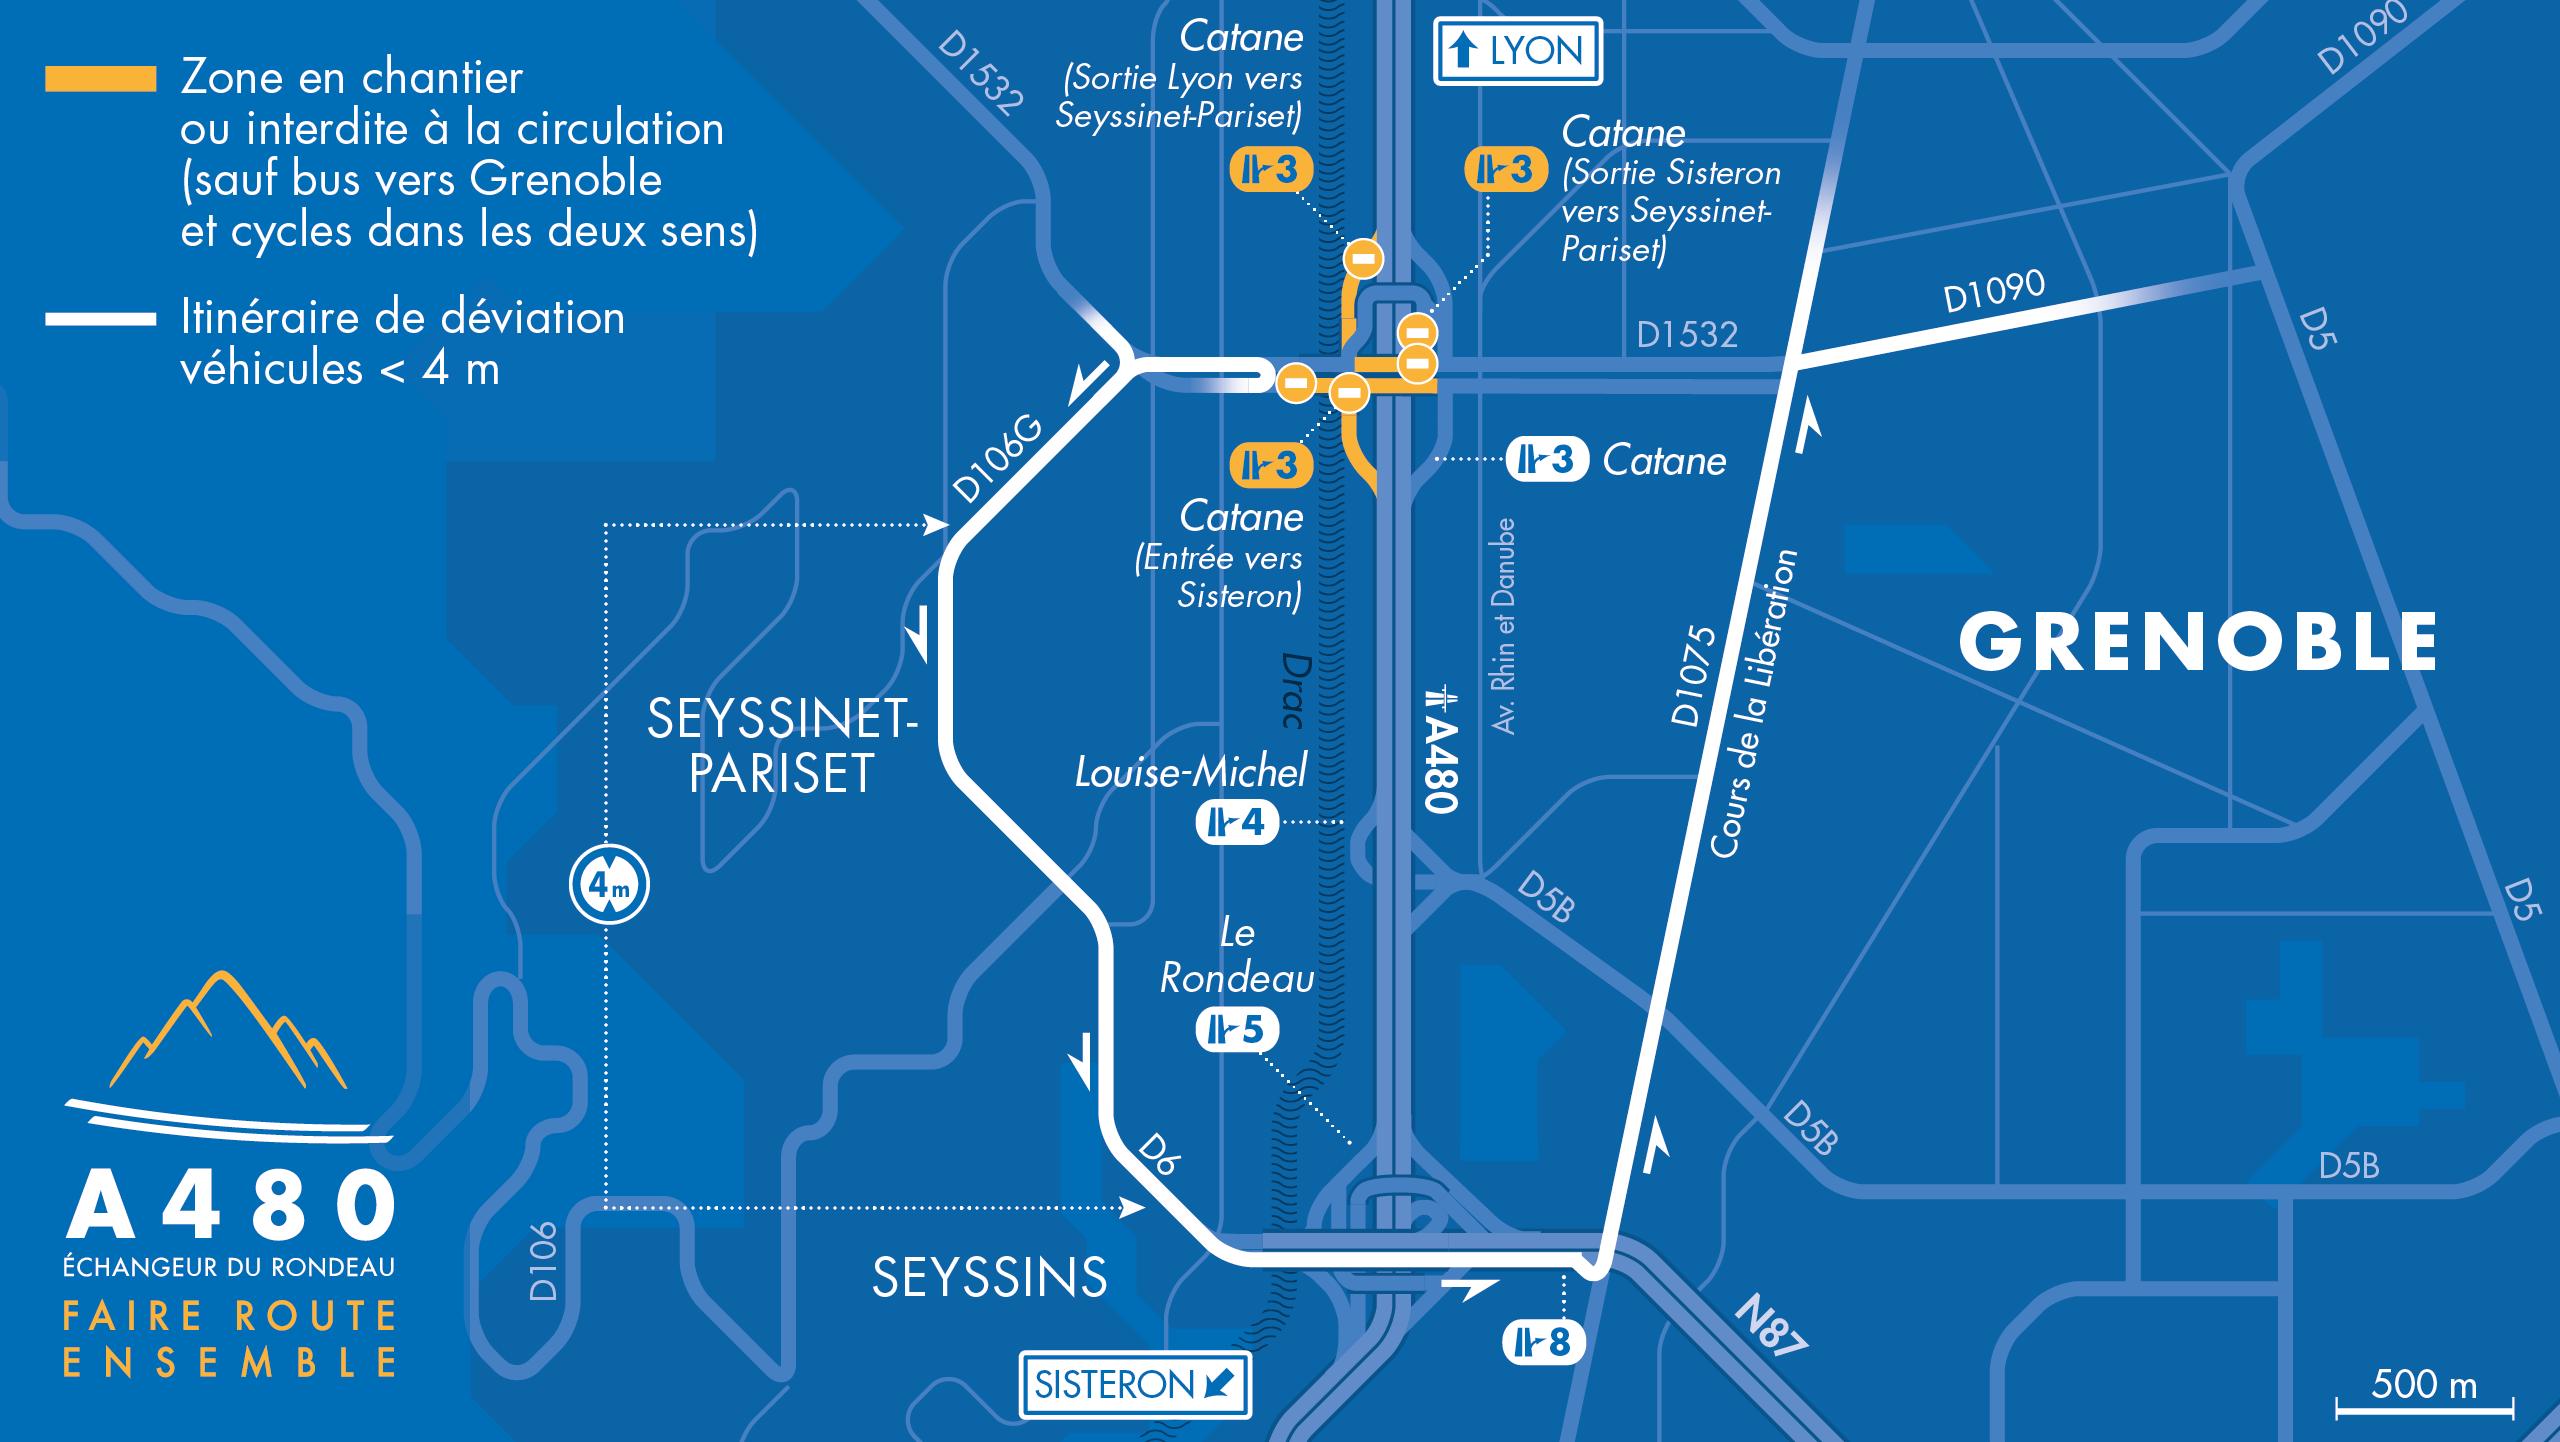 carte des déviations pour les véhicules légers depuis Seyssinet-Pariset vers Grenoble